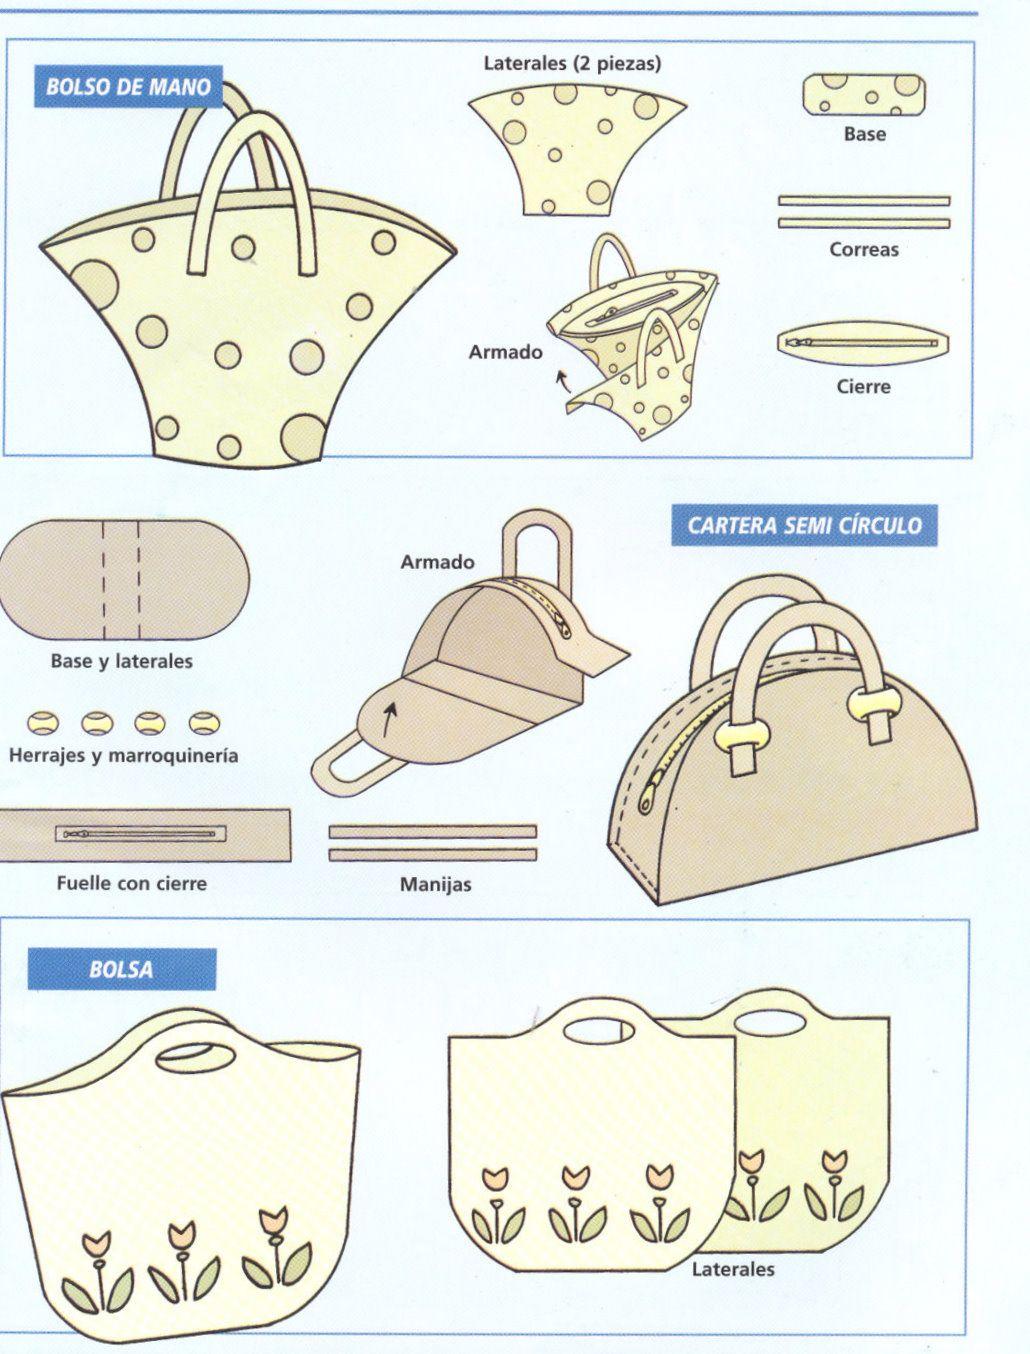 Moldes y patrones de bolsos y carteras gratis - Imagui | costura ...